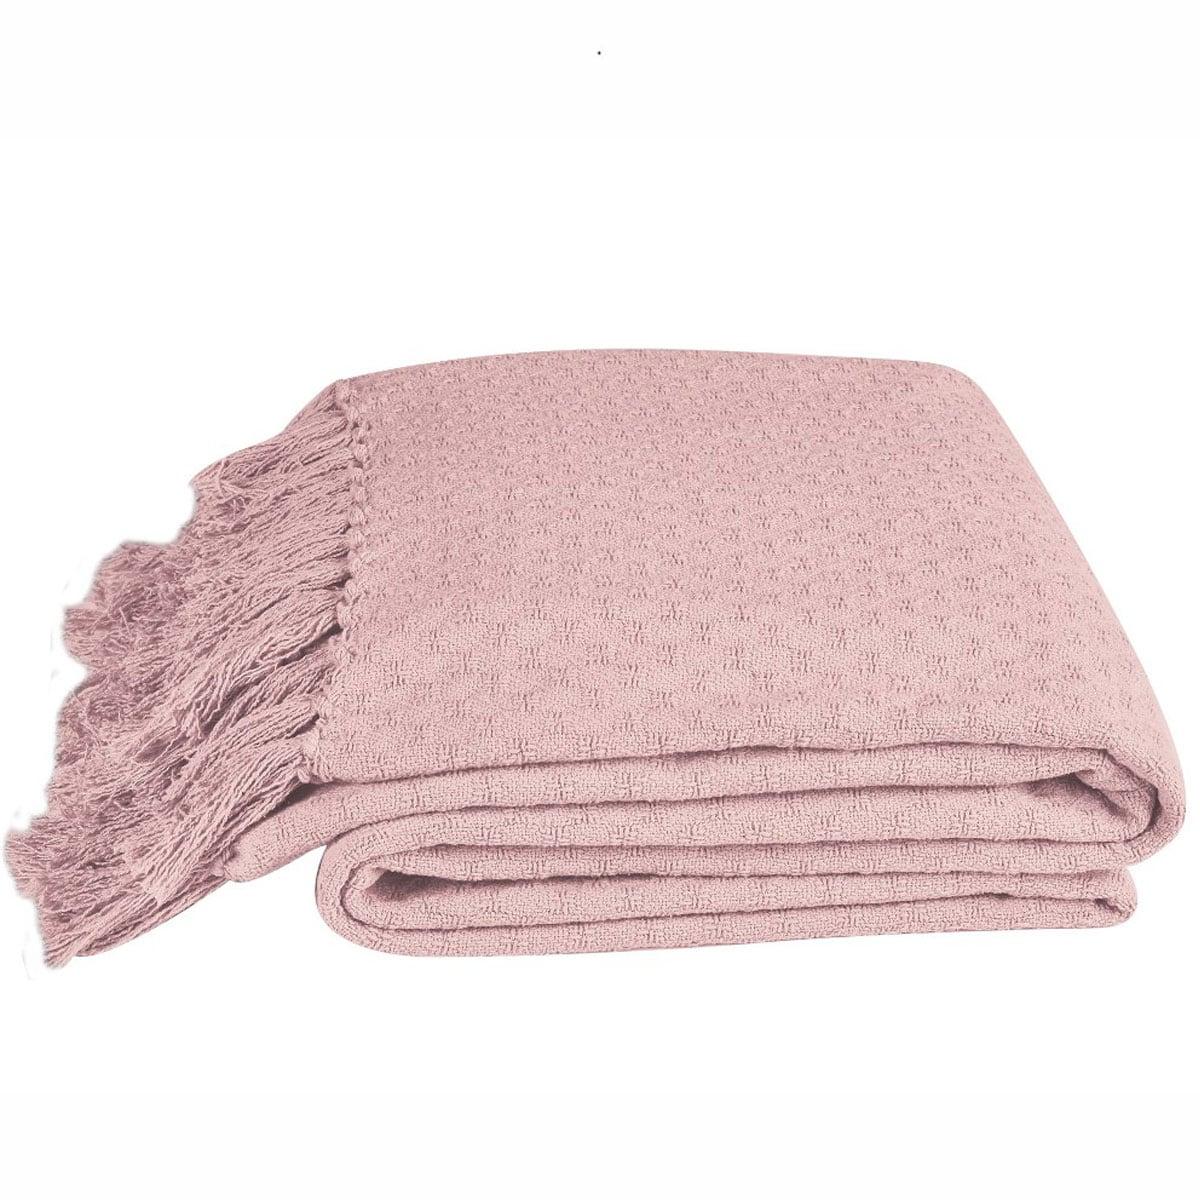 Κουβέρτα Βρεφική Priya 14 Pink Kentia Κούνιας 110x140cm